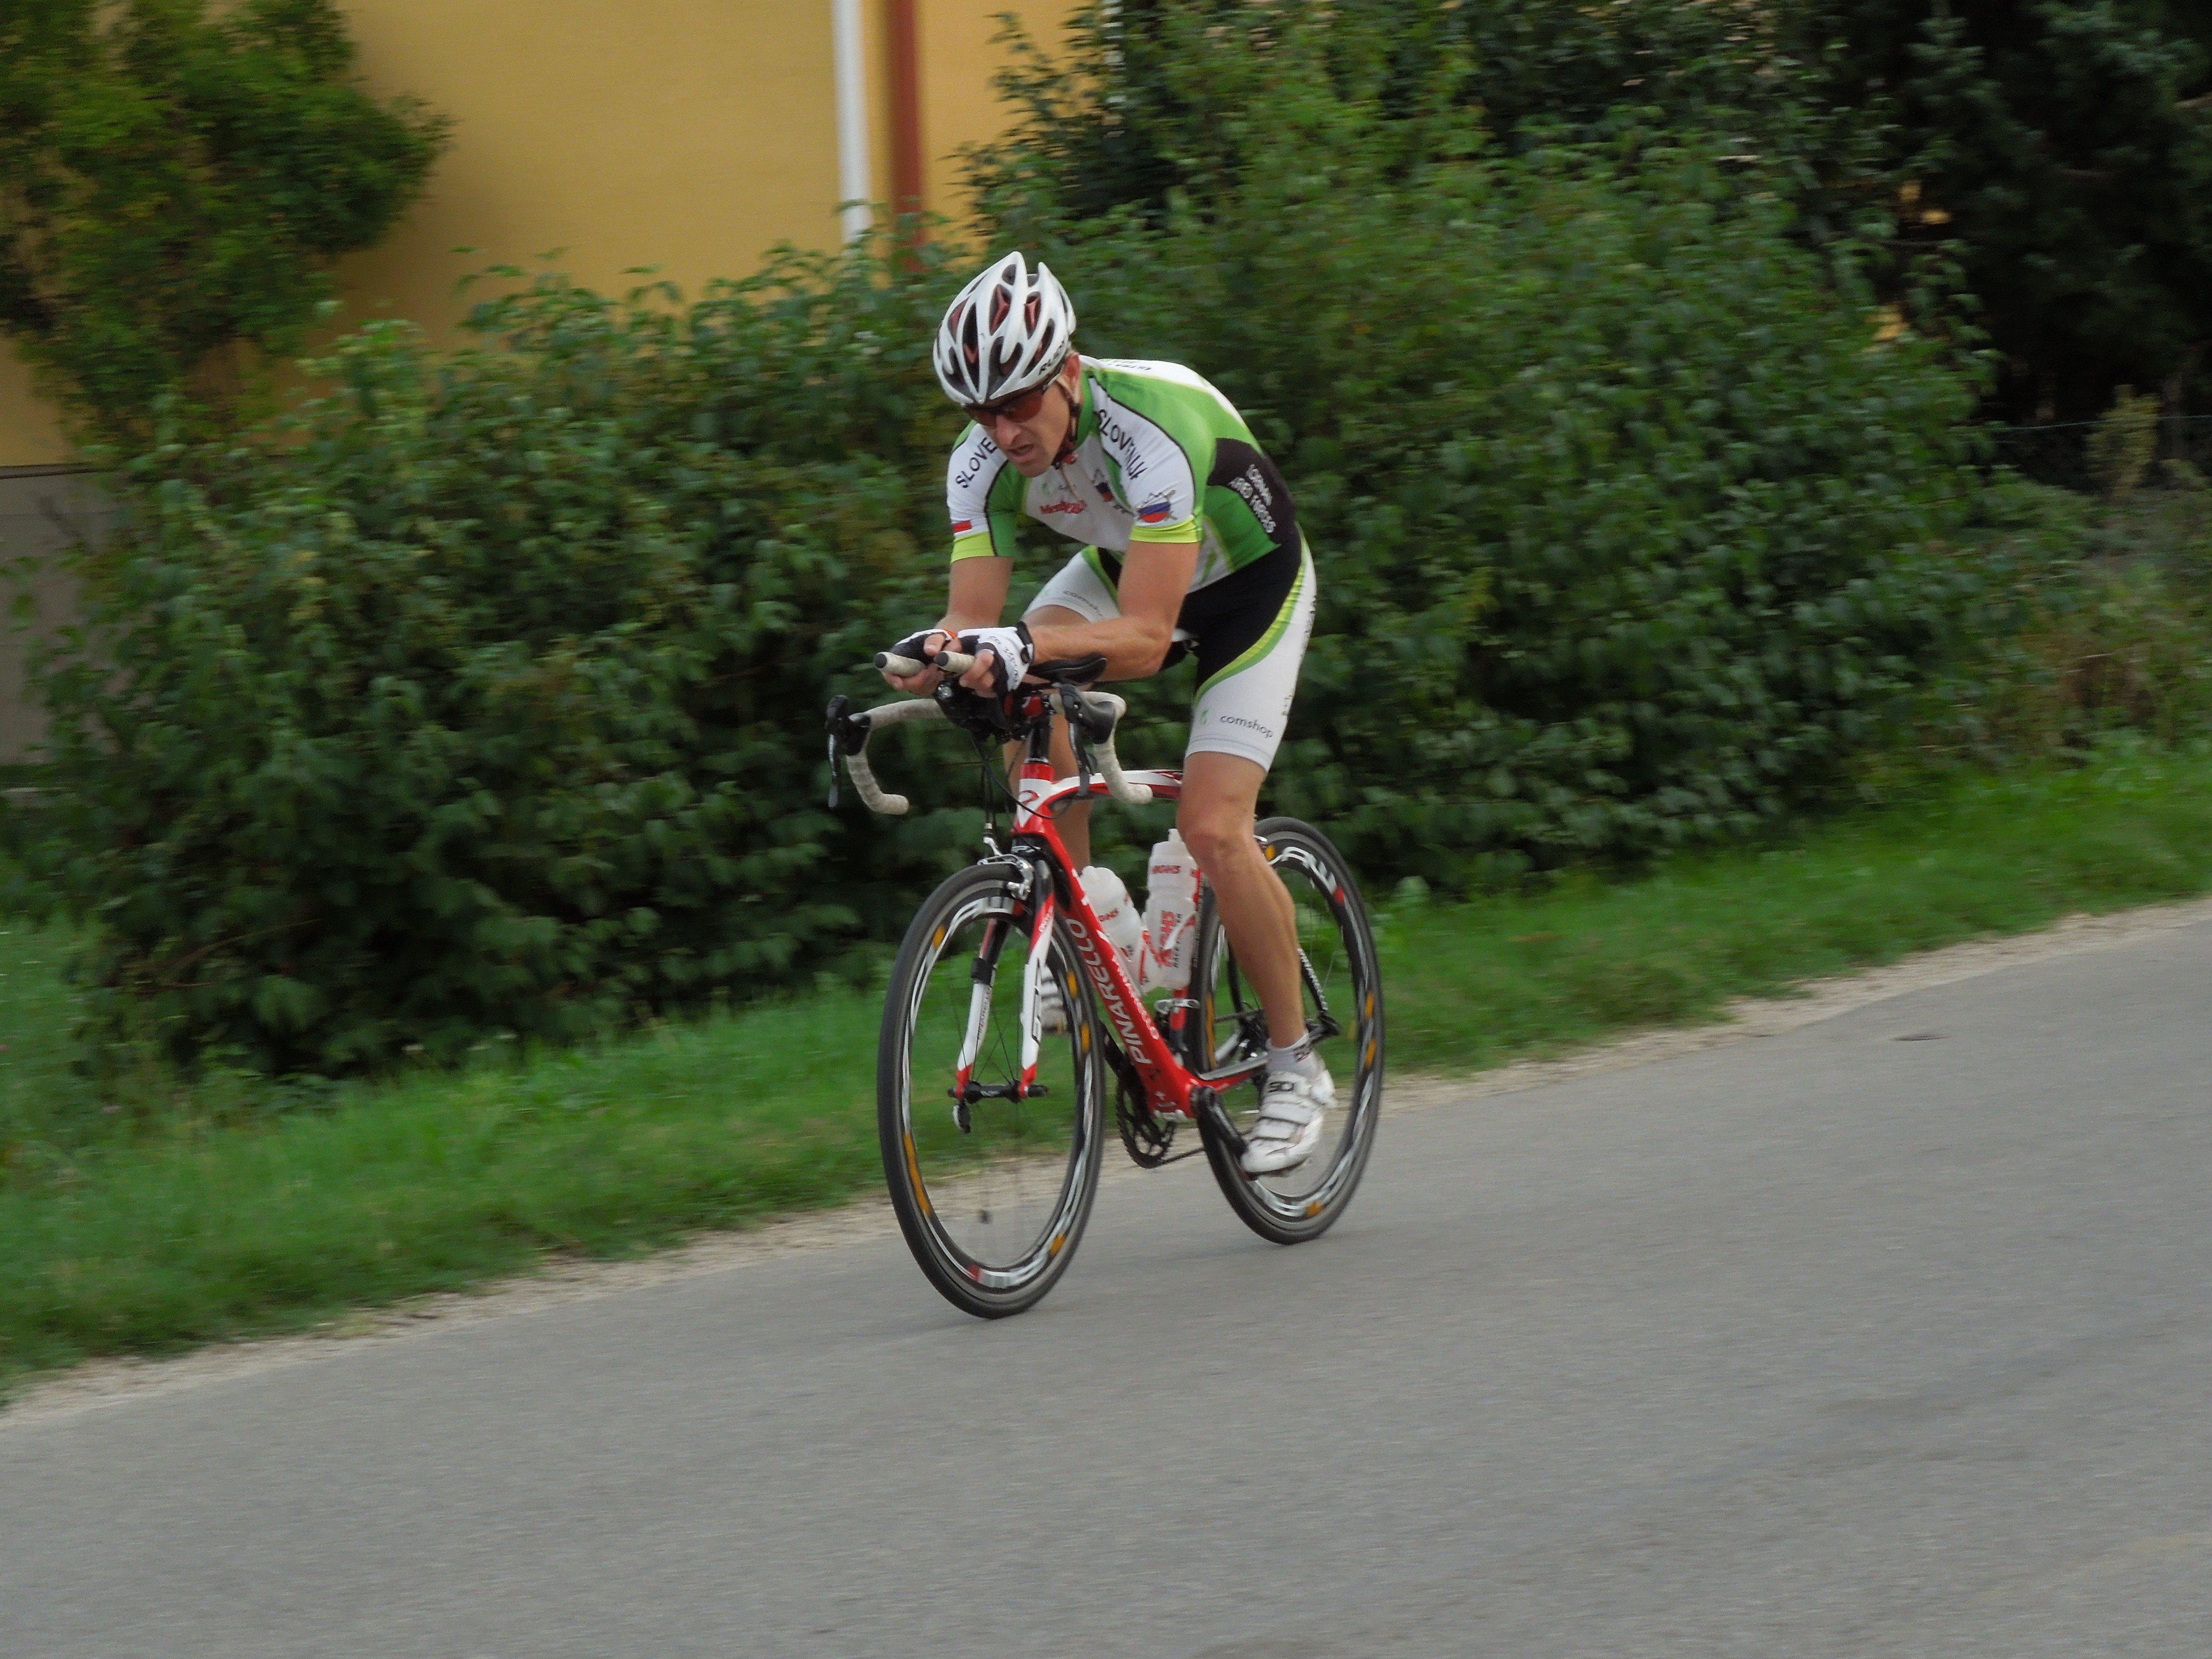 Matej Markovič je trenutno vodilni na Dvojnem ultra triatlonu Murska Sobota